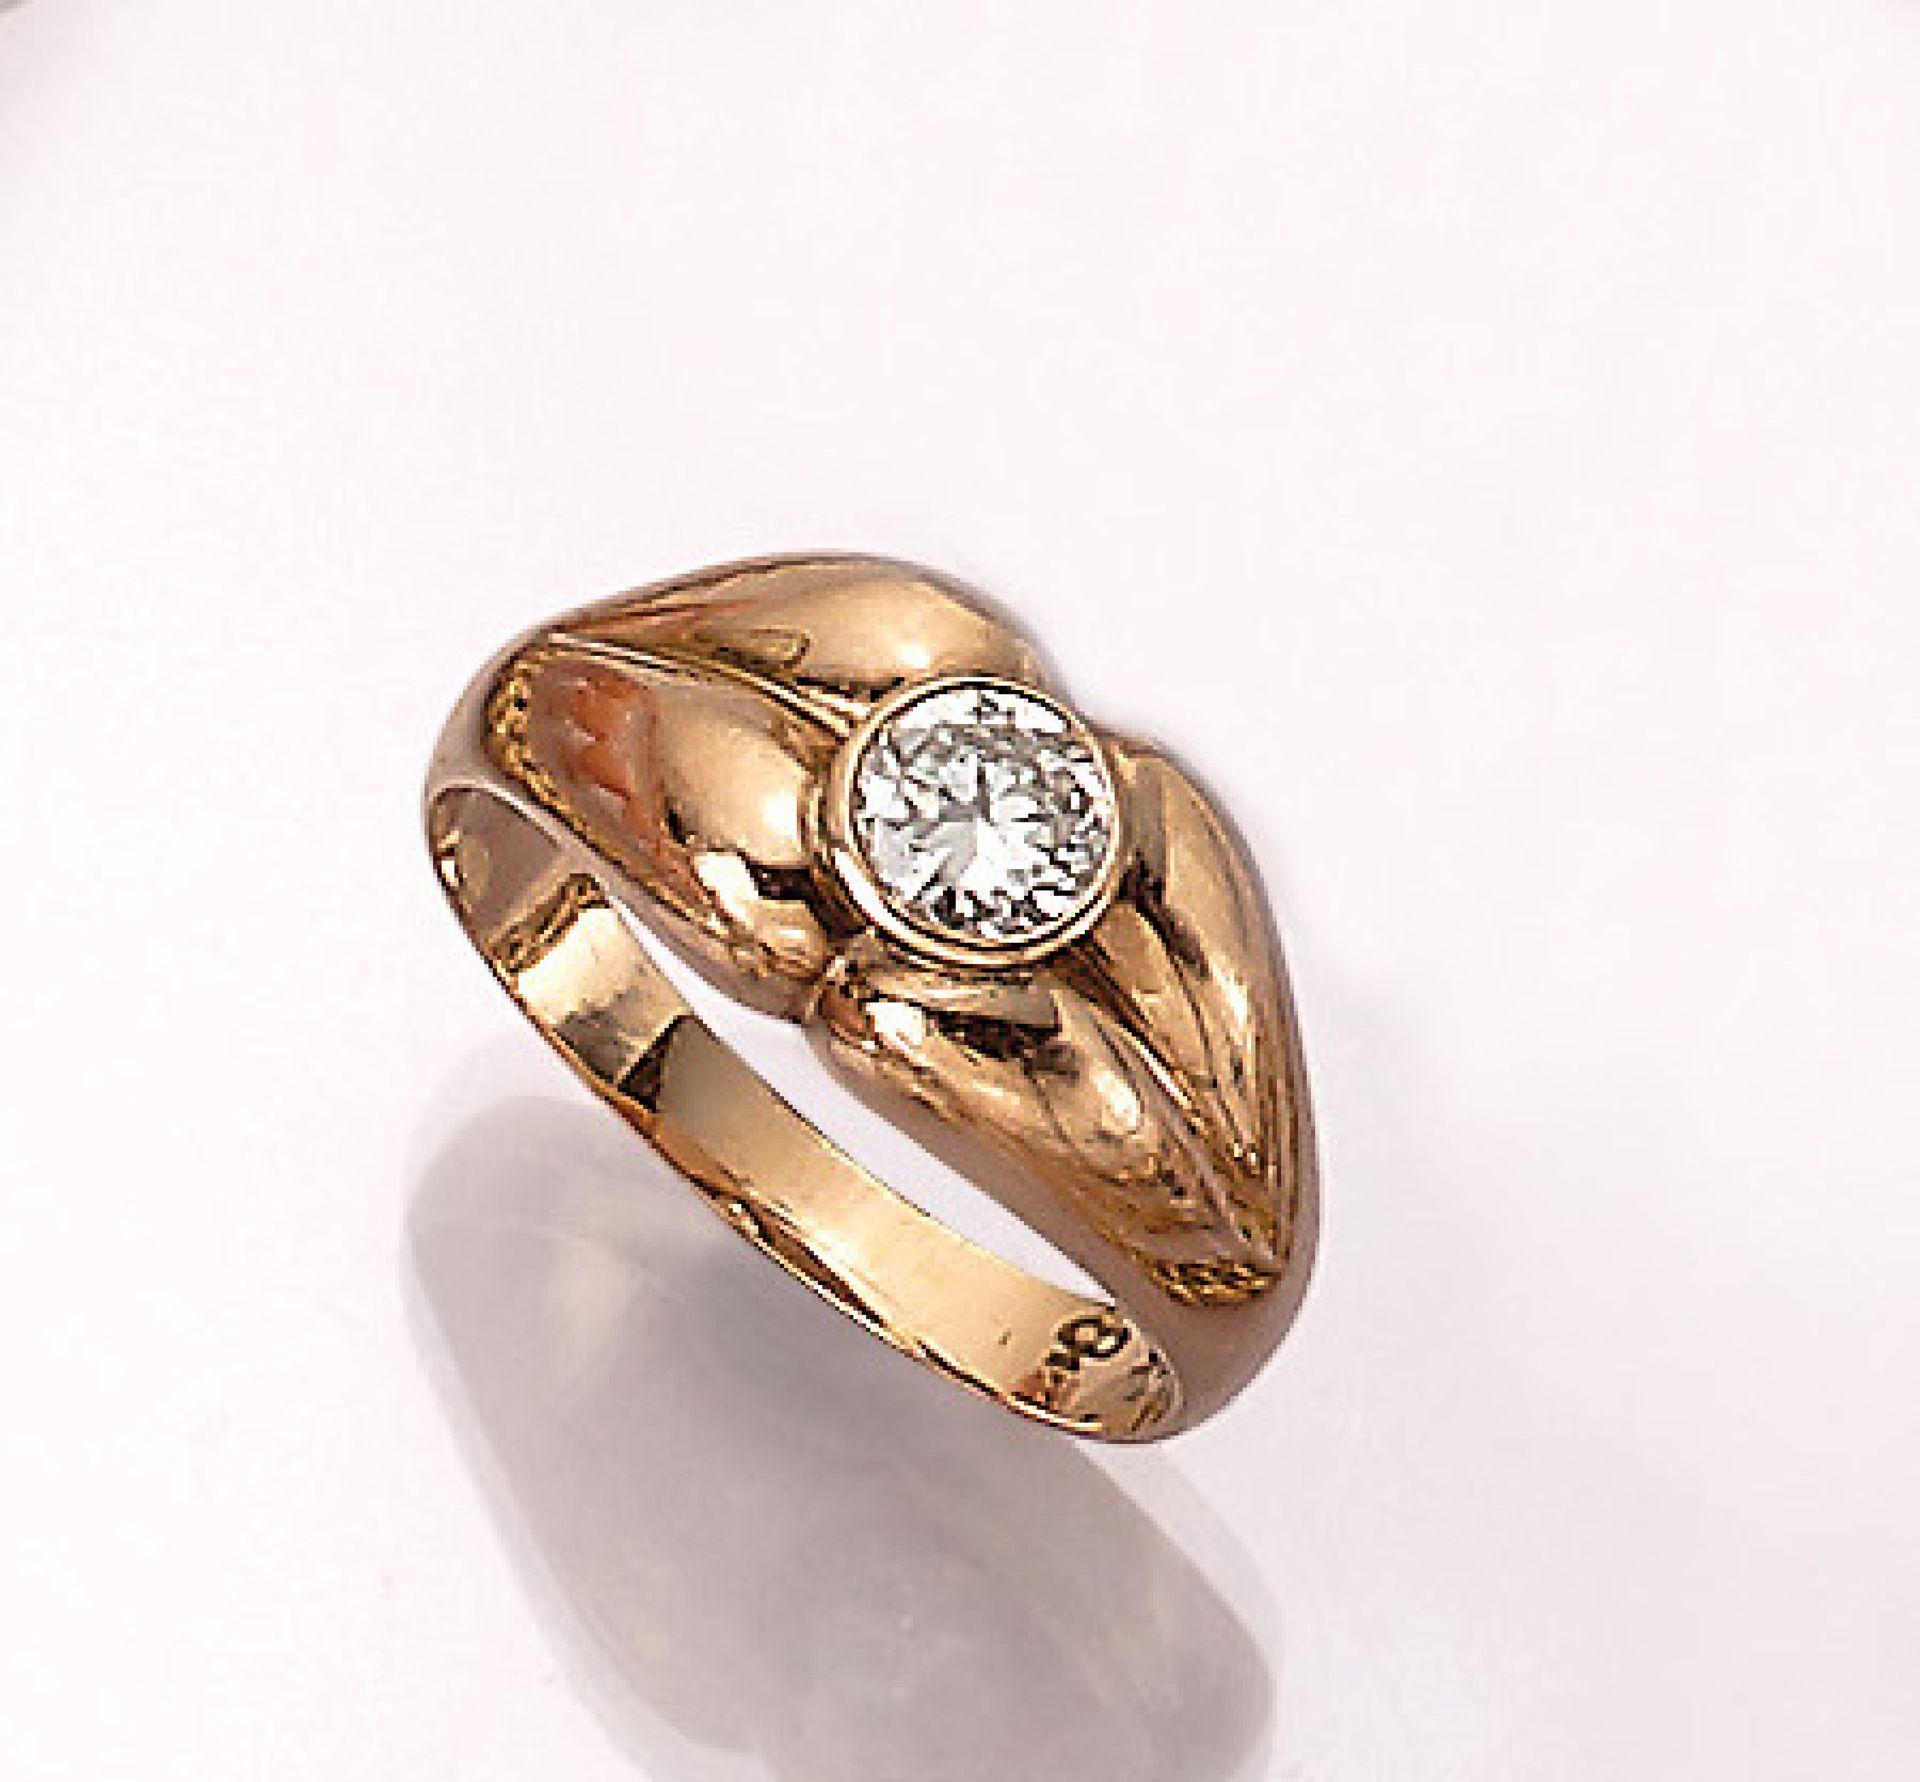 14 kt Gold Ring mit Brillant, RoseG 585/000, Brillant ca. 0.50 ct Weiß/p, RW 58, ca. 6.9 g